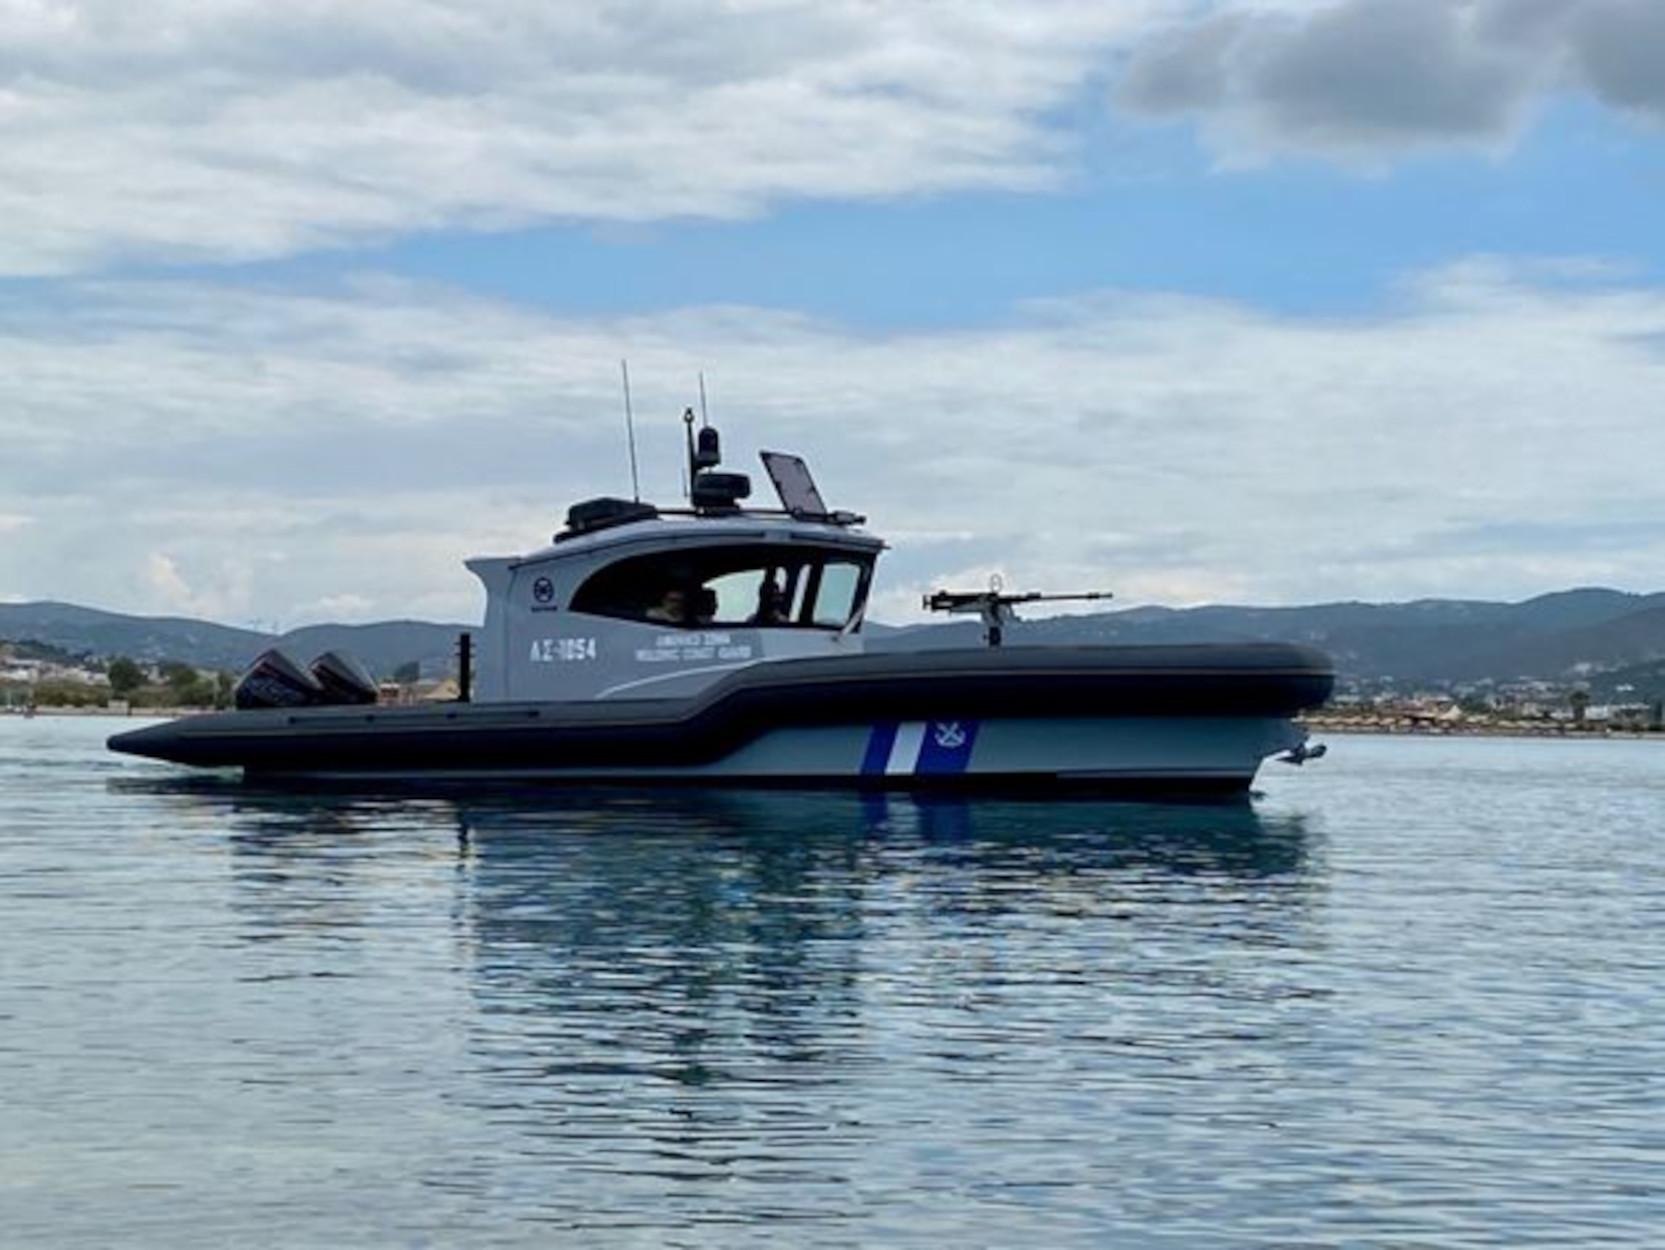 Ίμια: Αυτό είναι το σκάφος που συγκρούστηκε με την τουρκική ακταιωρό – «Ίσως έχουμε χειρότερα» (pic)